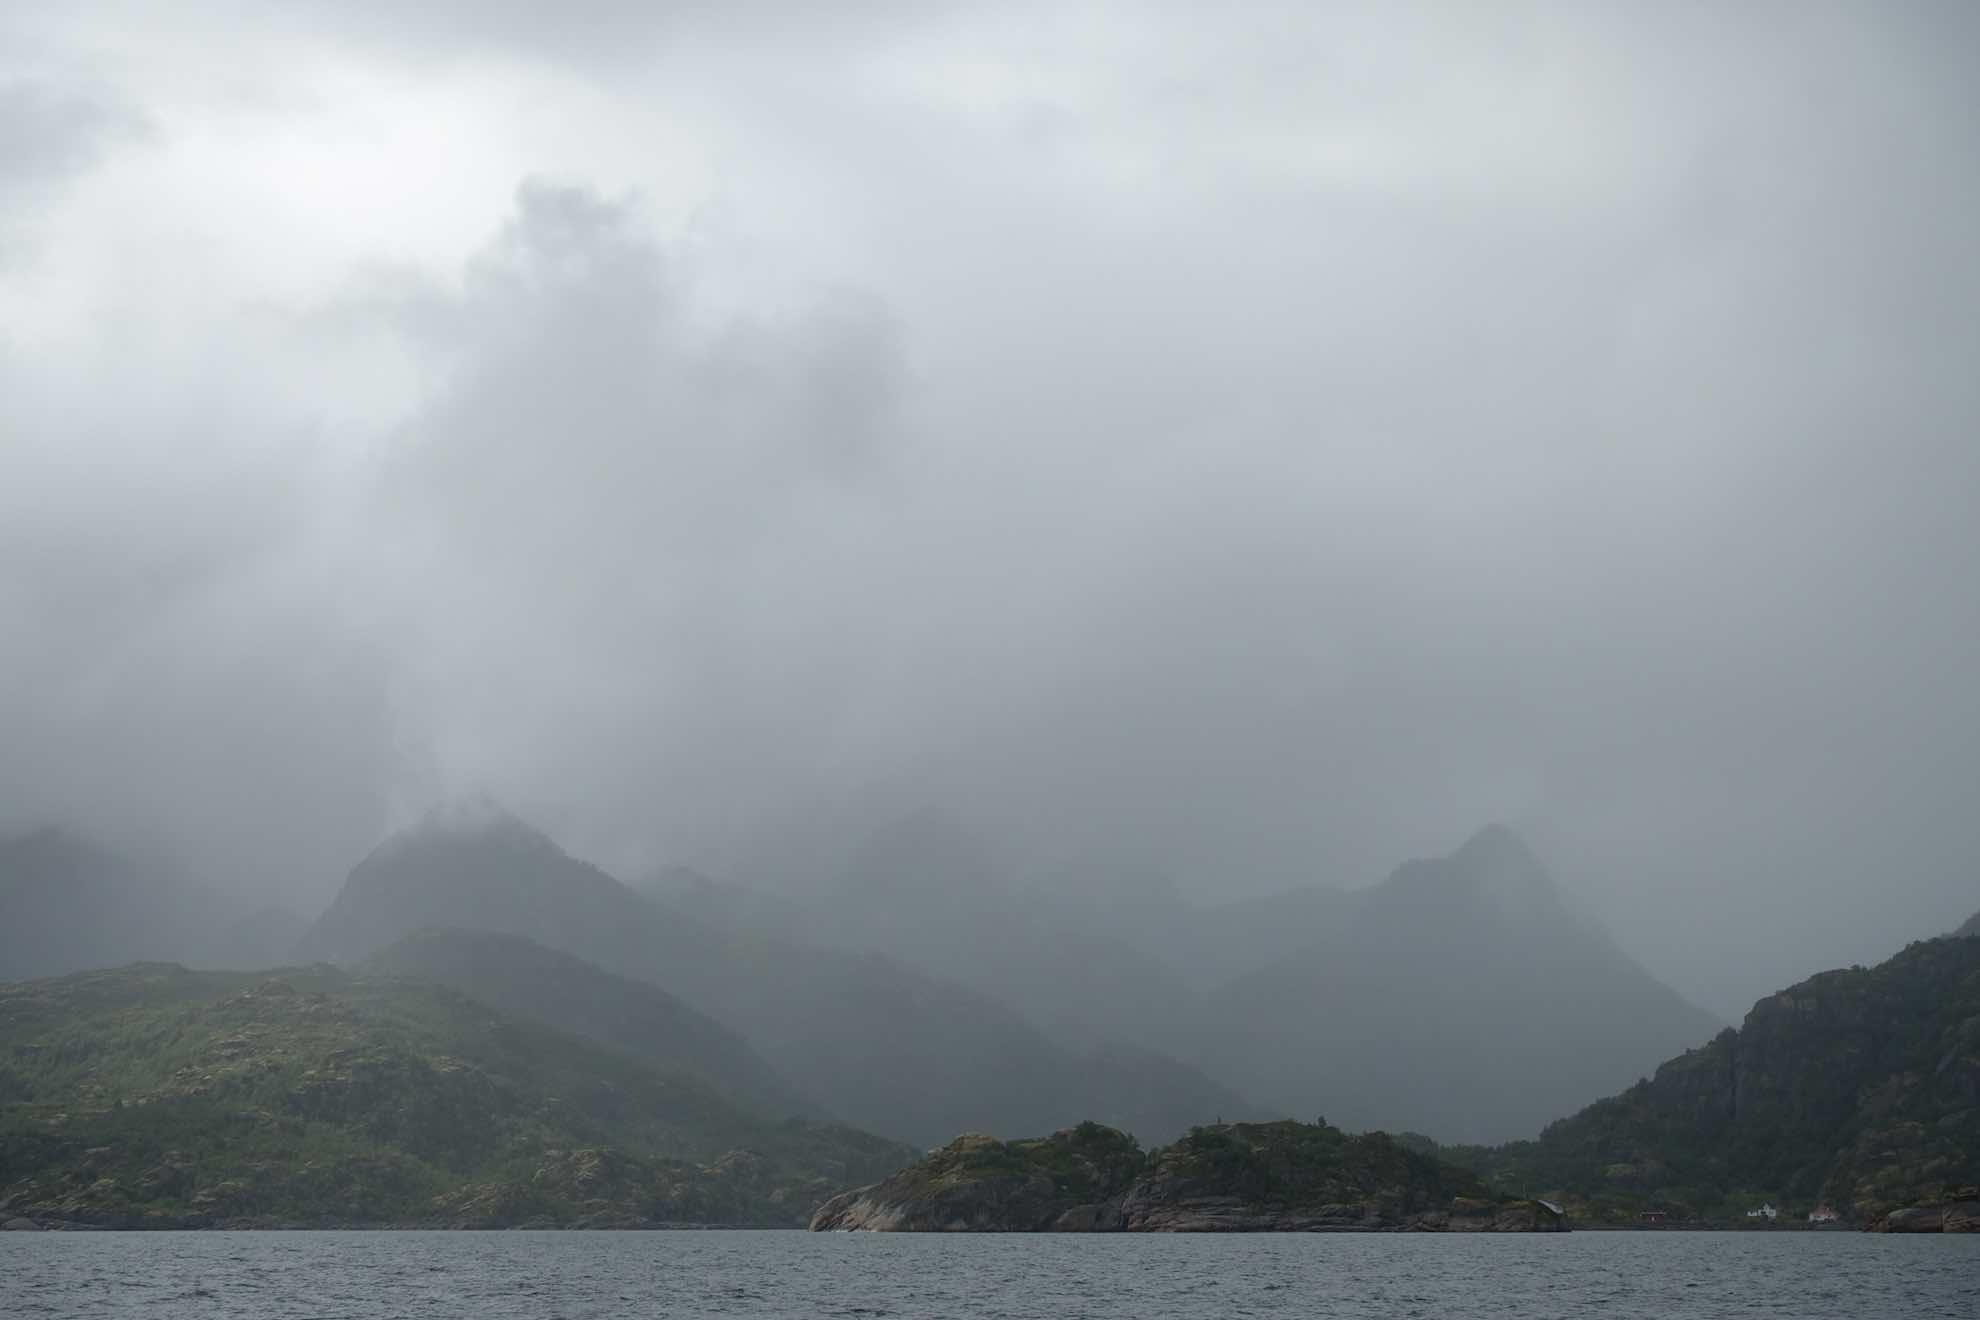 Nebel hüllt die Berge ein.